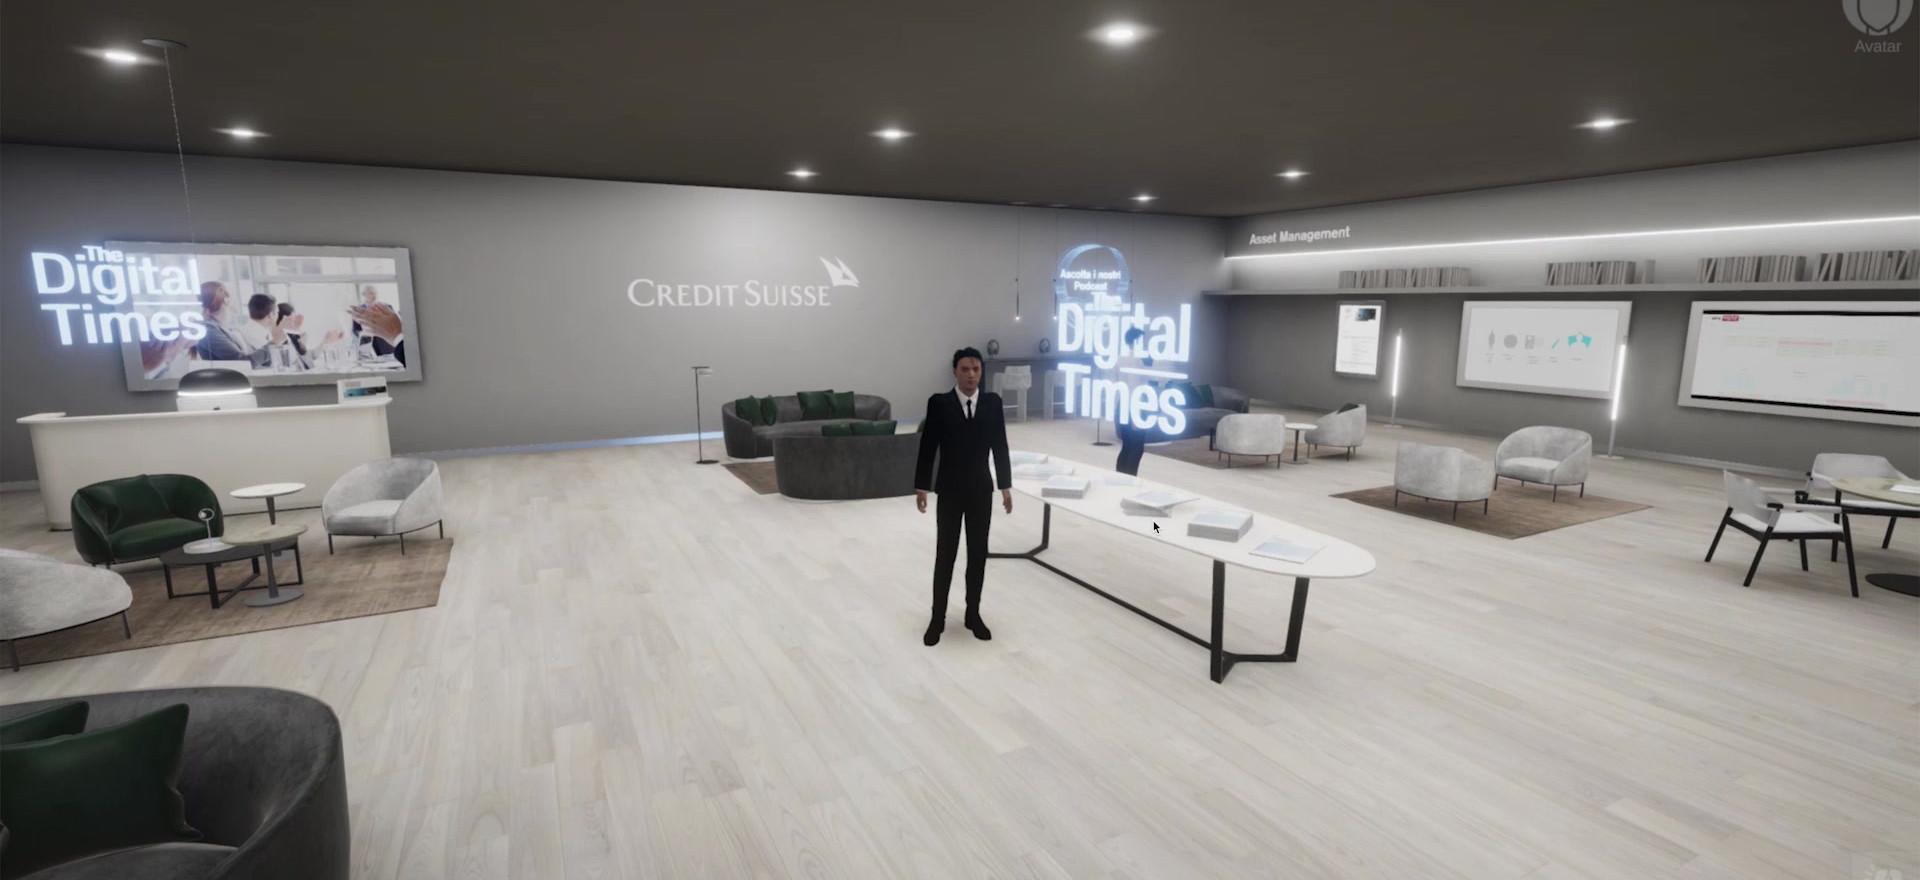 Virtual Room The Digital Times